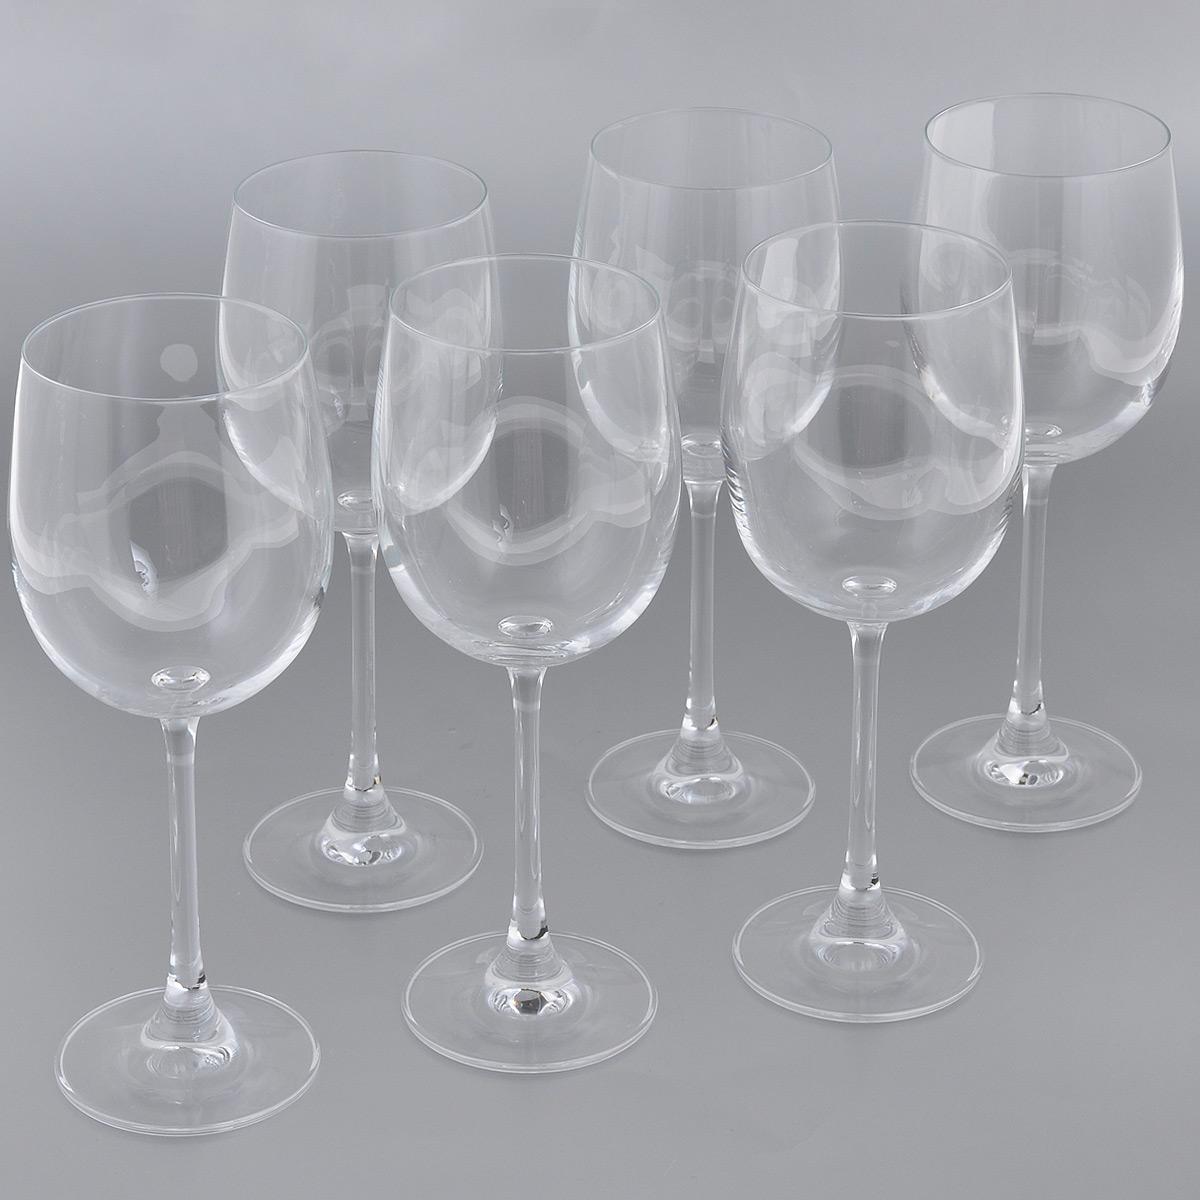 Набор бокалов для белого вина Esprado Fiesta, 360 мл, 6 штFS50C36E351Набор Esprado Fiesta состоит из шести бокалов для белого вина.Бокалы изготовлены из хрустального стекла или хрусталина, которое является более экологичной альтернативой знаменитому хрусталю, содержащему опасный для здоровья свинец. Хрустальное стекло имеет яркий блеск хрусталя, отличается высокой прозрачностью и тонкостью и при этом оно абсолютно безопасно и не содержит никаких вредных для человека веществ. Бокалы отличаются особой легкостью и прочностью, излучают приятный блеск и издают мелодичный хрустальный звон. Края бокалов имеют закаленный обод. Тонкие высокие ножки бокалов, создающие ощущение хрупкости и изящества, большой литраж и европейский дизайн позволят сполна насладиться игрой напитка в бокале, его густотой, цветом и ароматом. Бокалы можно мыть в посудомоечной машине в щадящем режиме.Fiesta в переводе c испанского означает веселье, праздник. Раньше в средневековой Европе в фиесте, народном гулянии, участвовали все жители общины или городского квартала. В отличие от русских гуляний, фиесты очень часто проводились вечером или ночью, когда спадала дневная жара. Сегодня мы также приглашаем своих друзей, накрываем на стол, достаем бокалы…и, как и в былые времена, обычный вечер превращается в праздник.В коллекции Fiesta представлены бокалы для самых распространенных напитков любого застолья. Можете быть уверены - хрустальный блеск стекла, большие литражи и высокая ножка этих бокалов преобразят даже самую простую сервировку.